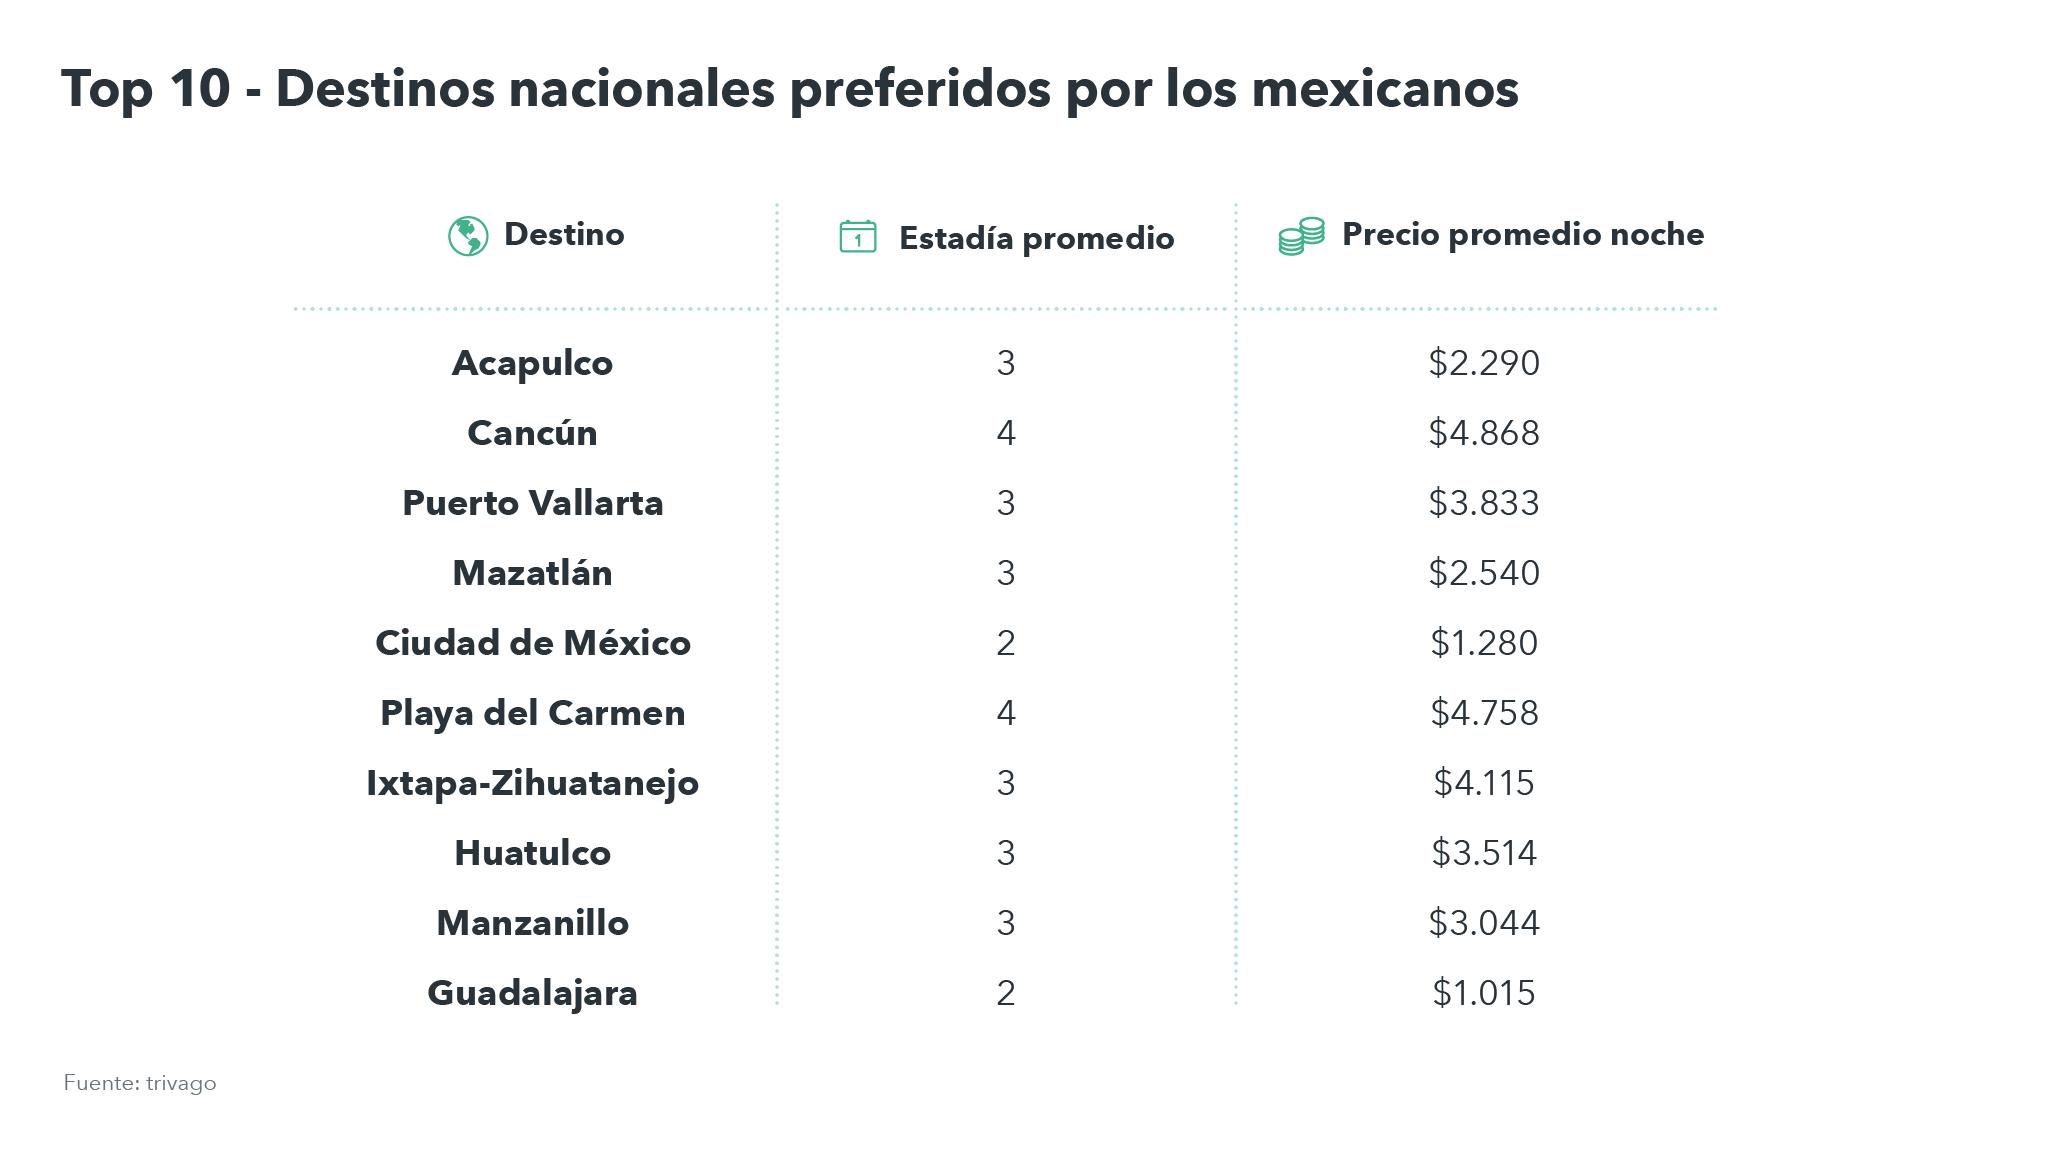 Tabla precios promedio viajeros nacionales en México